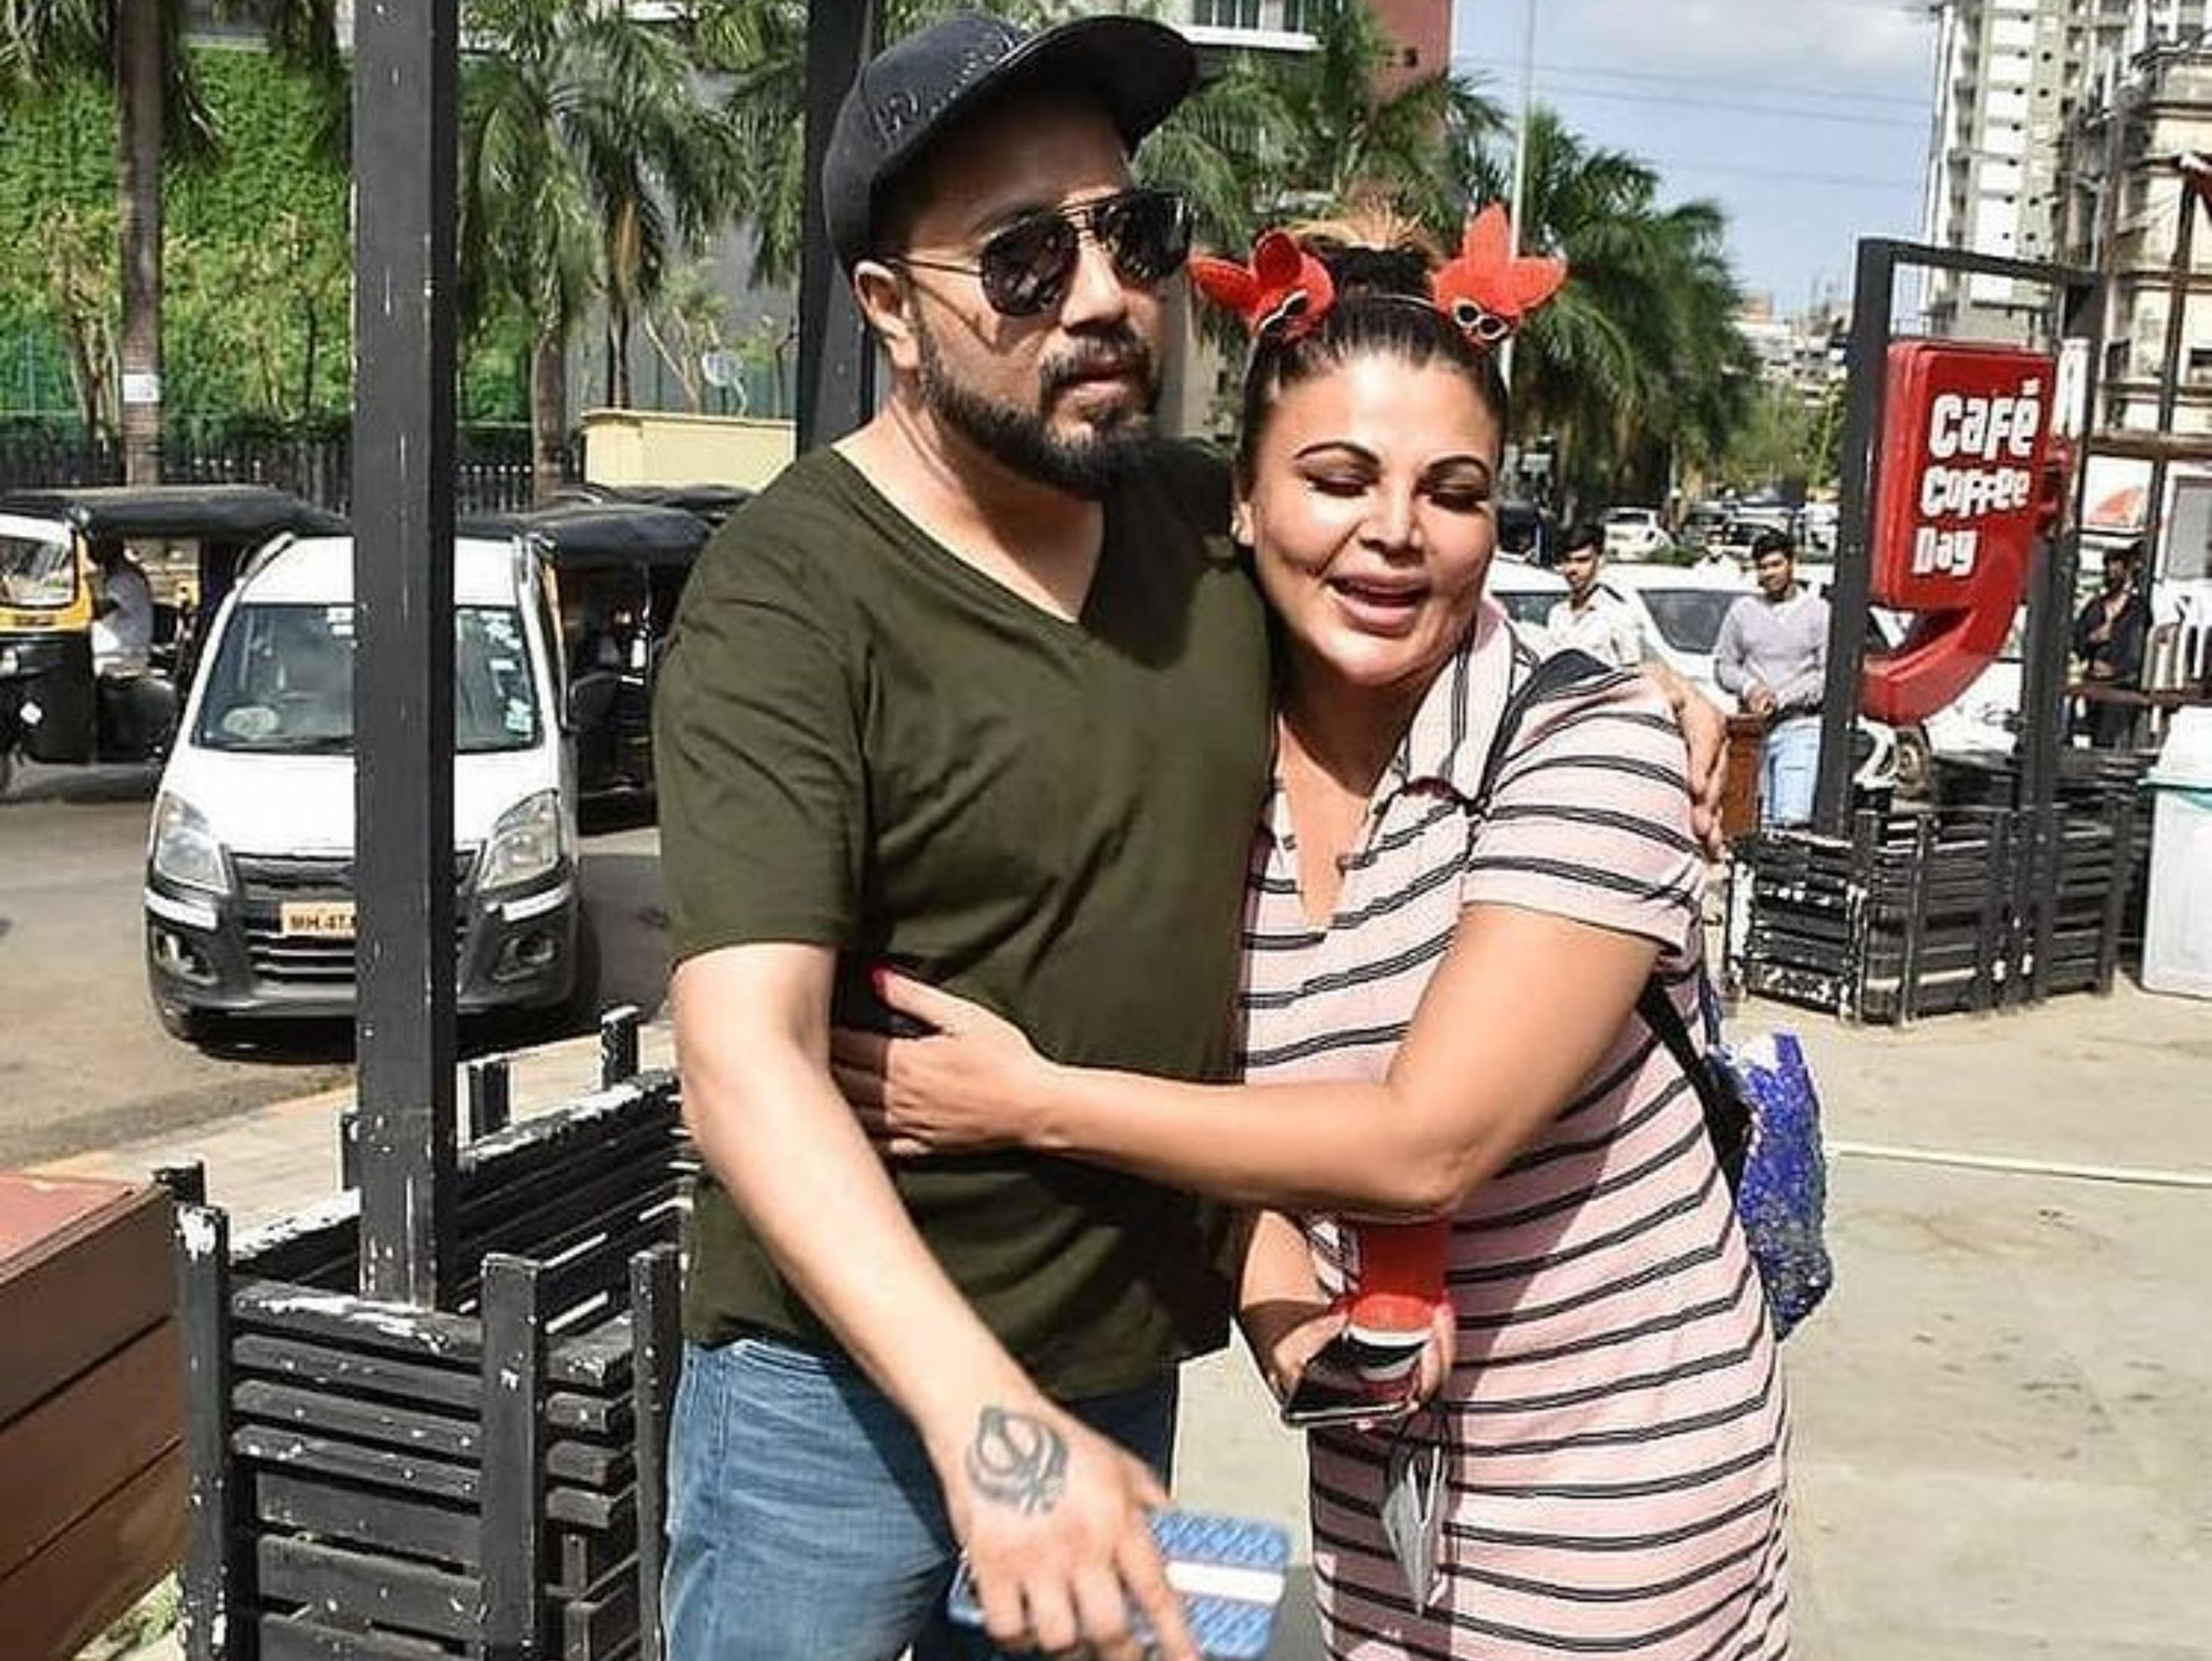 15 साल बाद Kissing कंट्रोवर्सी भुलाकर गले लगे मीका सिंह-राखी सावंत, राखी ने पैर छुए और सिंगर की तारीफ भी की बॉलीवुड,Bollywood - Dainik Bhaskar